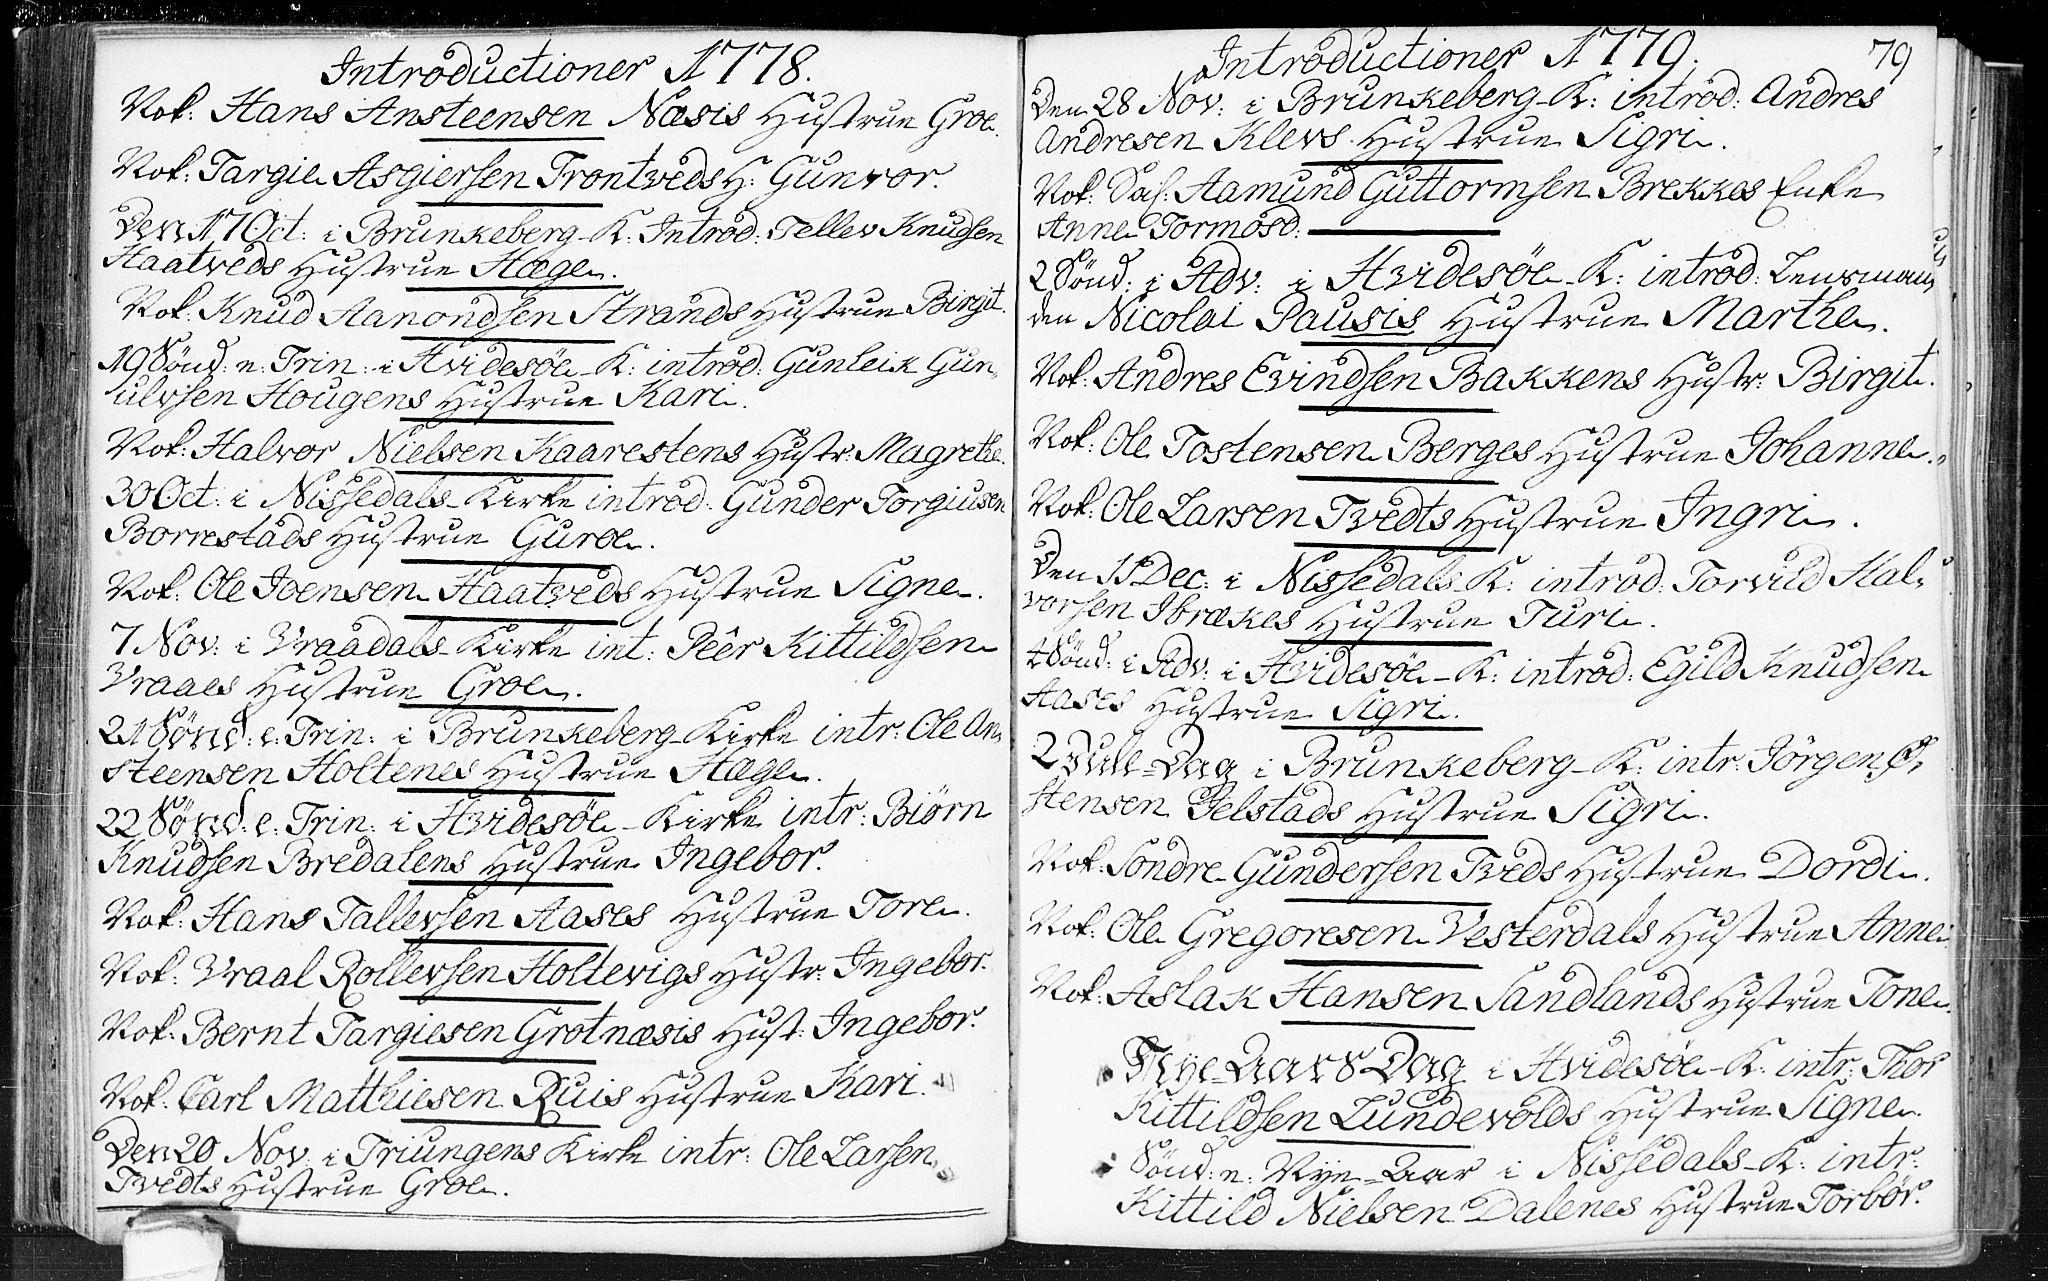 SAKO, Kviteseid kirkebøker, F/Fa/L0002: Ministerialbok nr. I 2, 1773-1786, s. 79